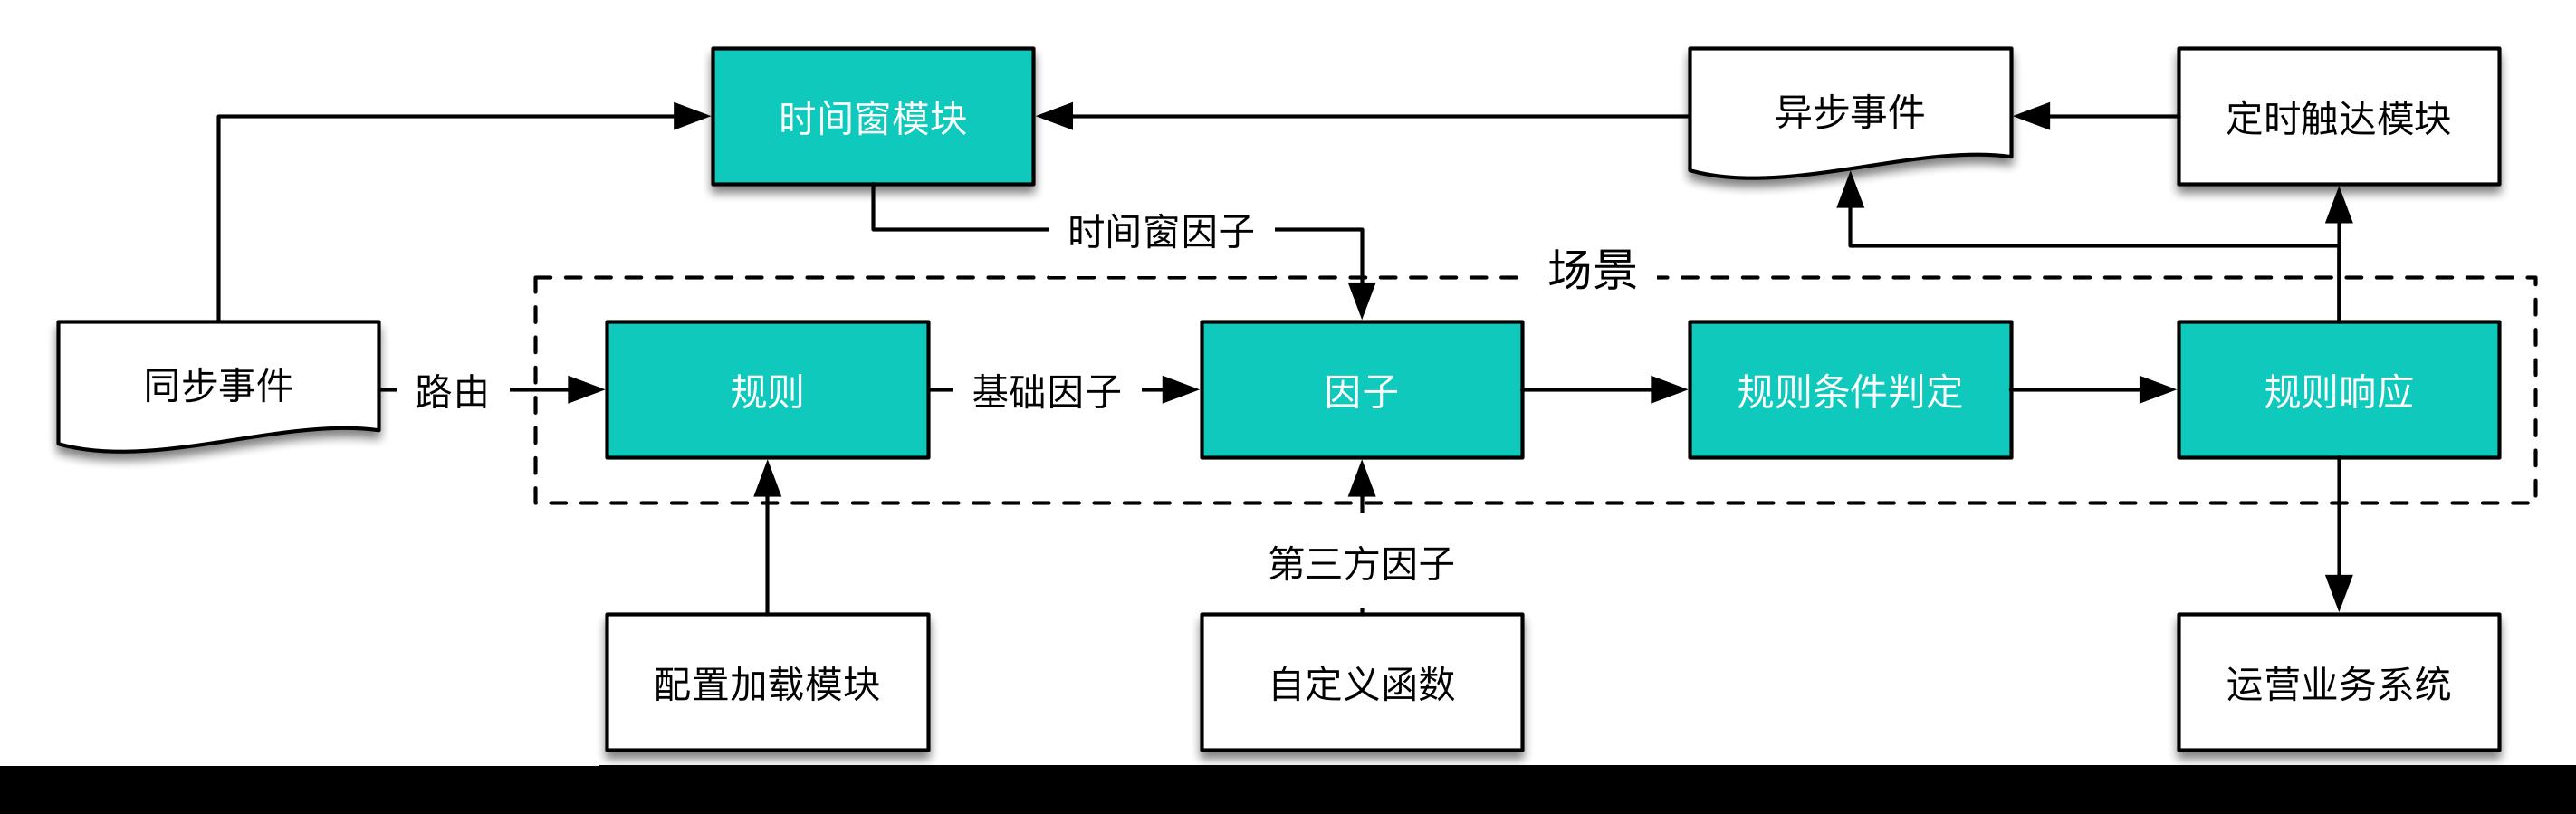 图3  规则引擎处理流程图